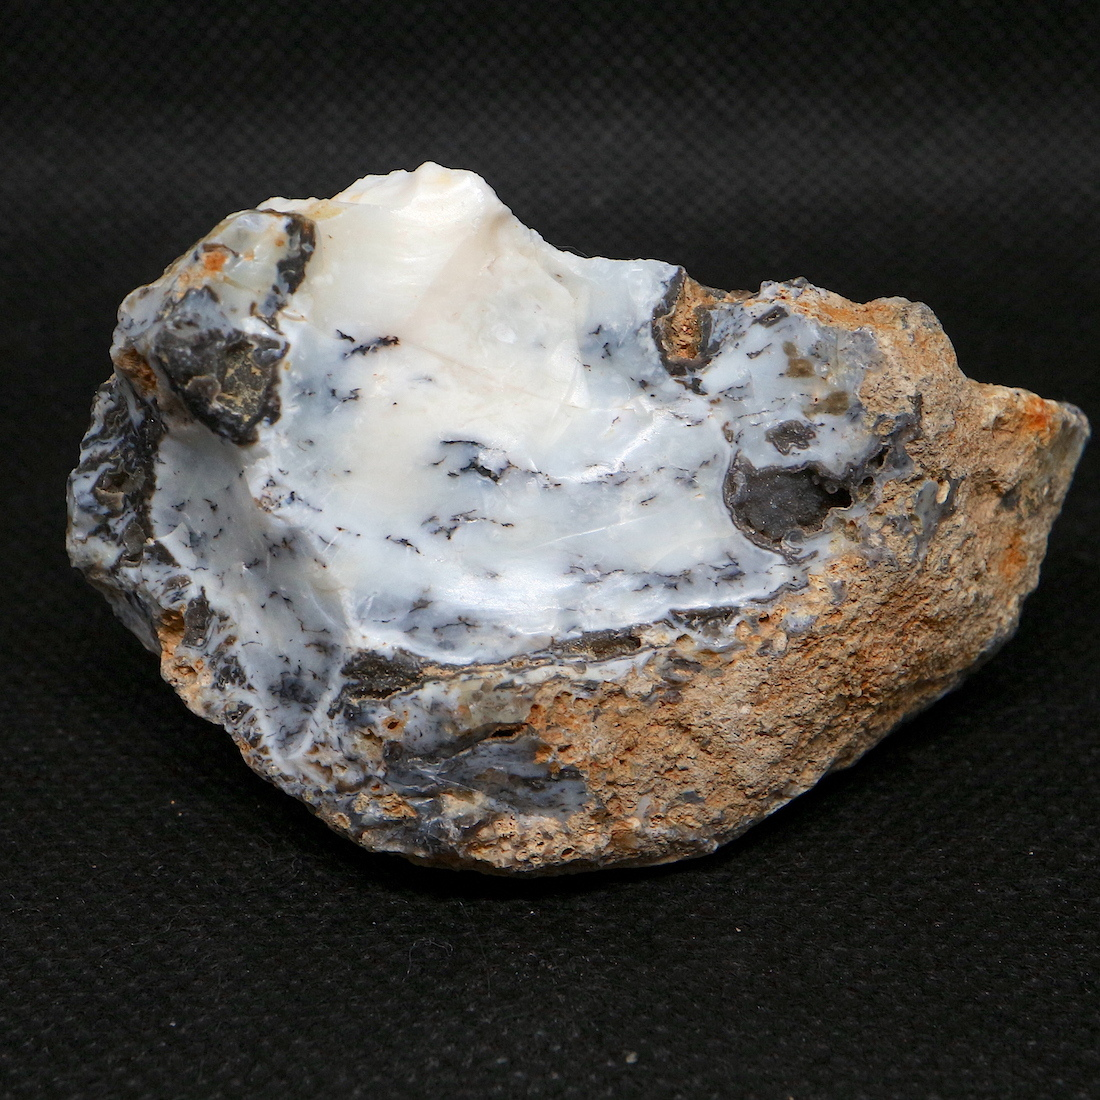 デンドリチック オパール デンドリティック ブラジル産 72,8g OP073 原石 鉱物 天然石 パワーストーン